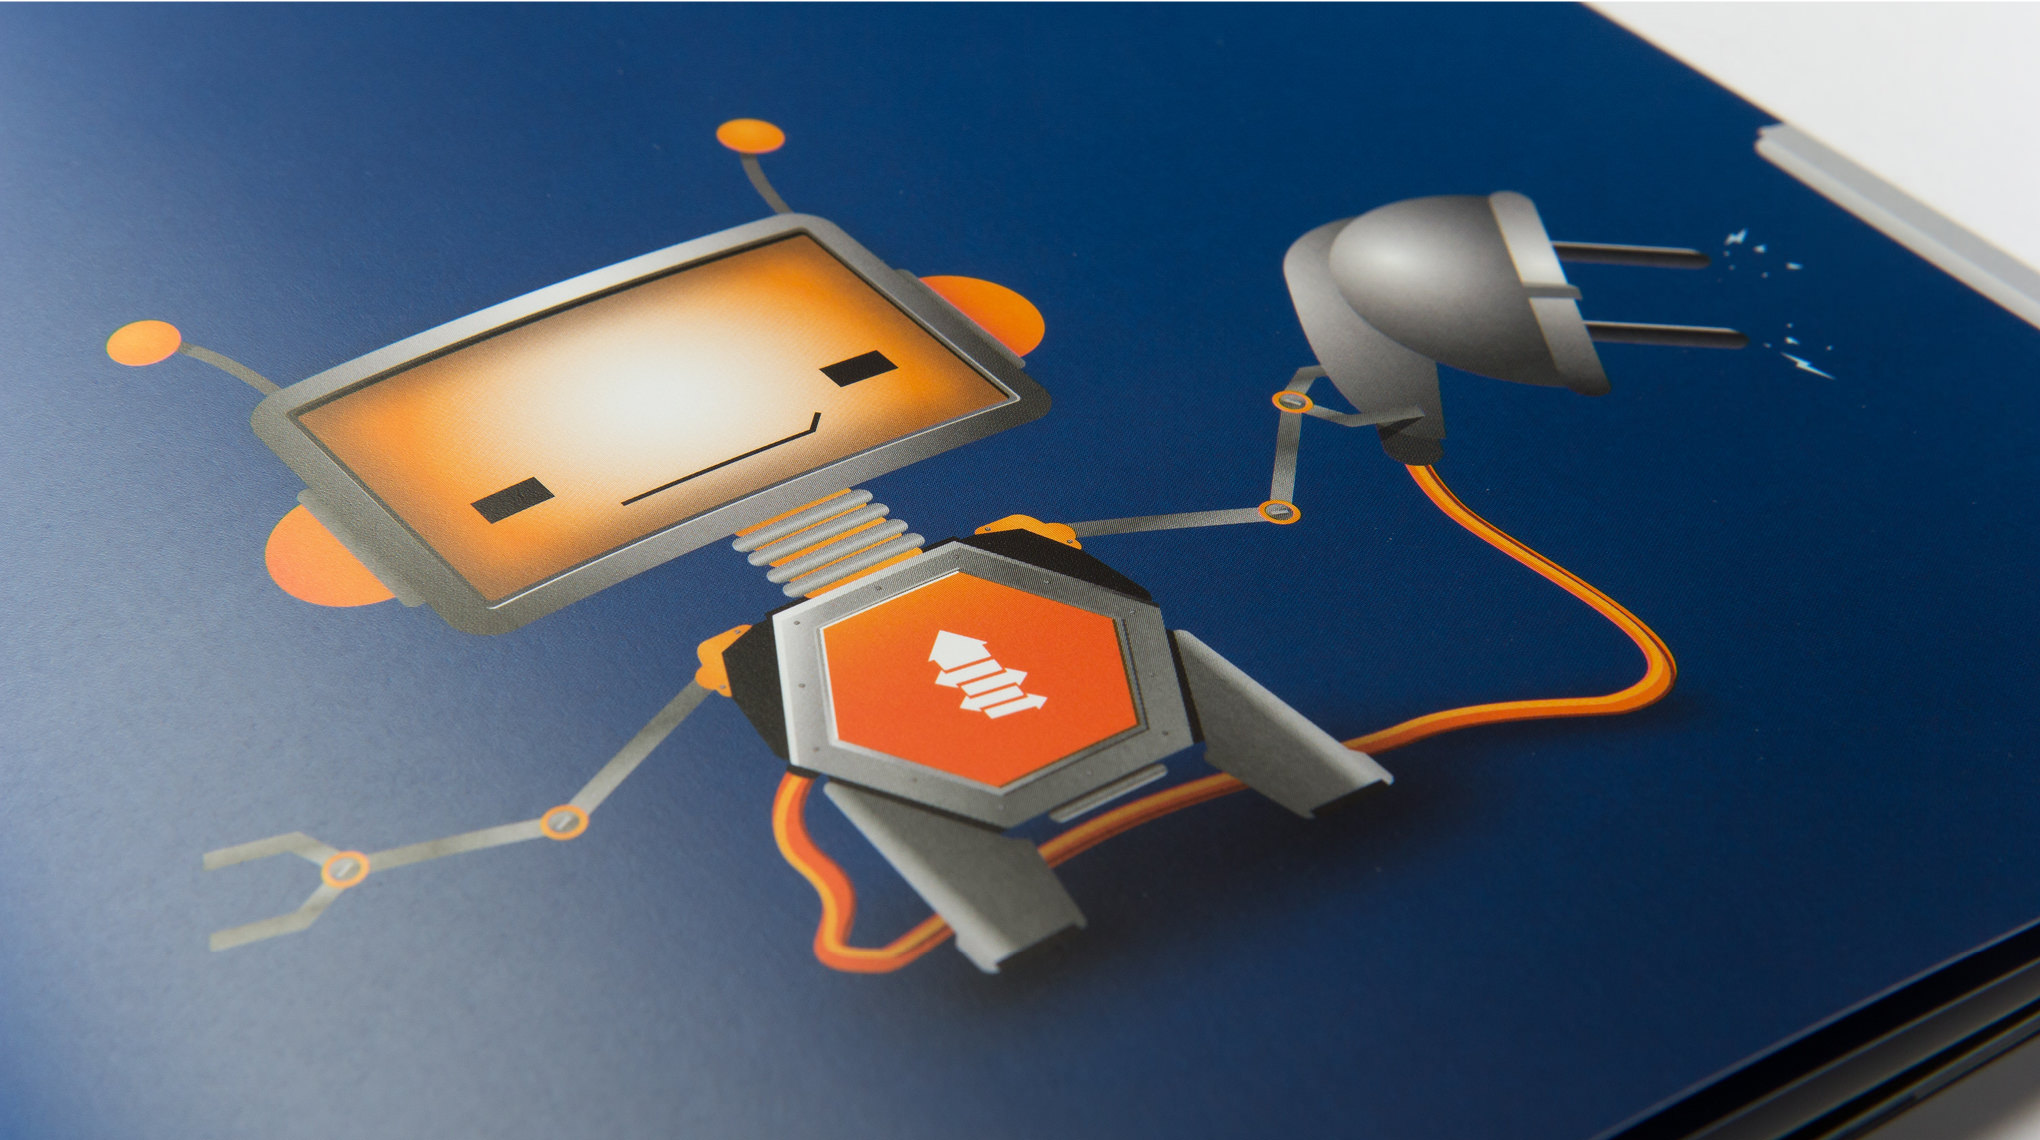 Character Design und Illustration Roboter Paul mit Stecker und Kabel für Portlight von den sons of ipanema Grafikagentur aus Köln